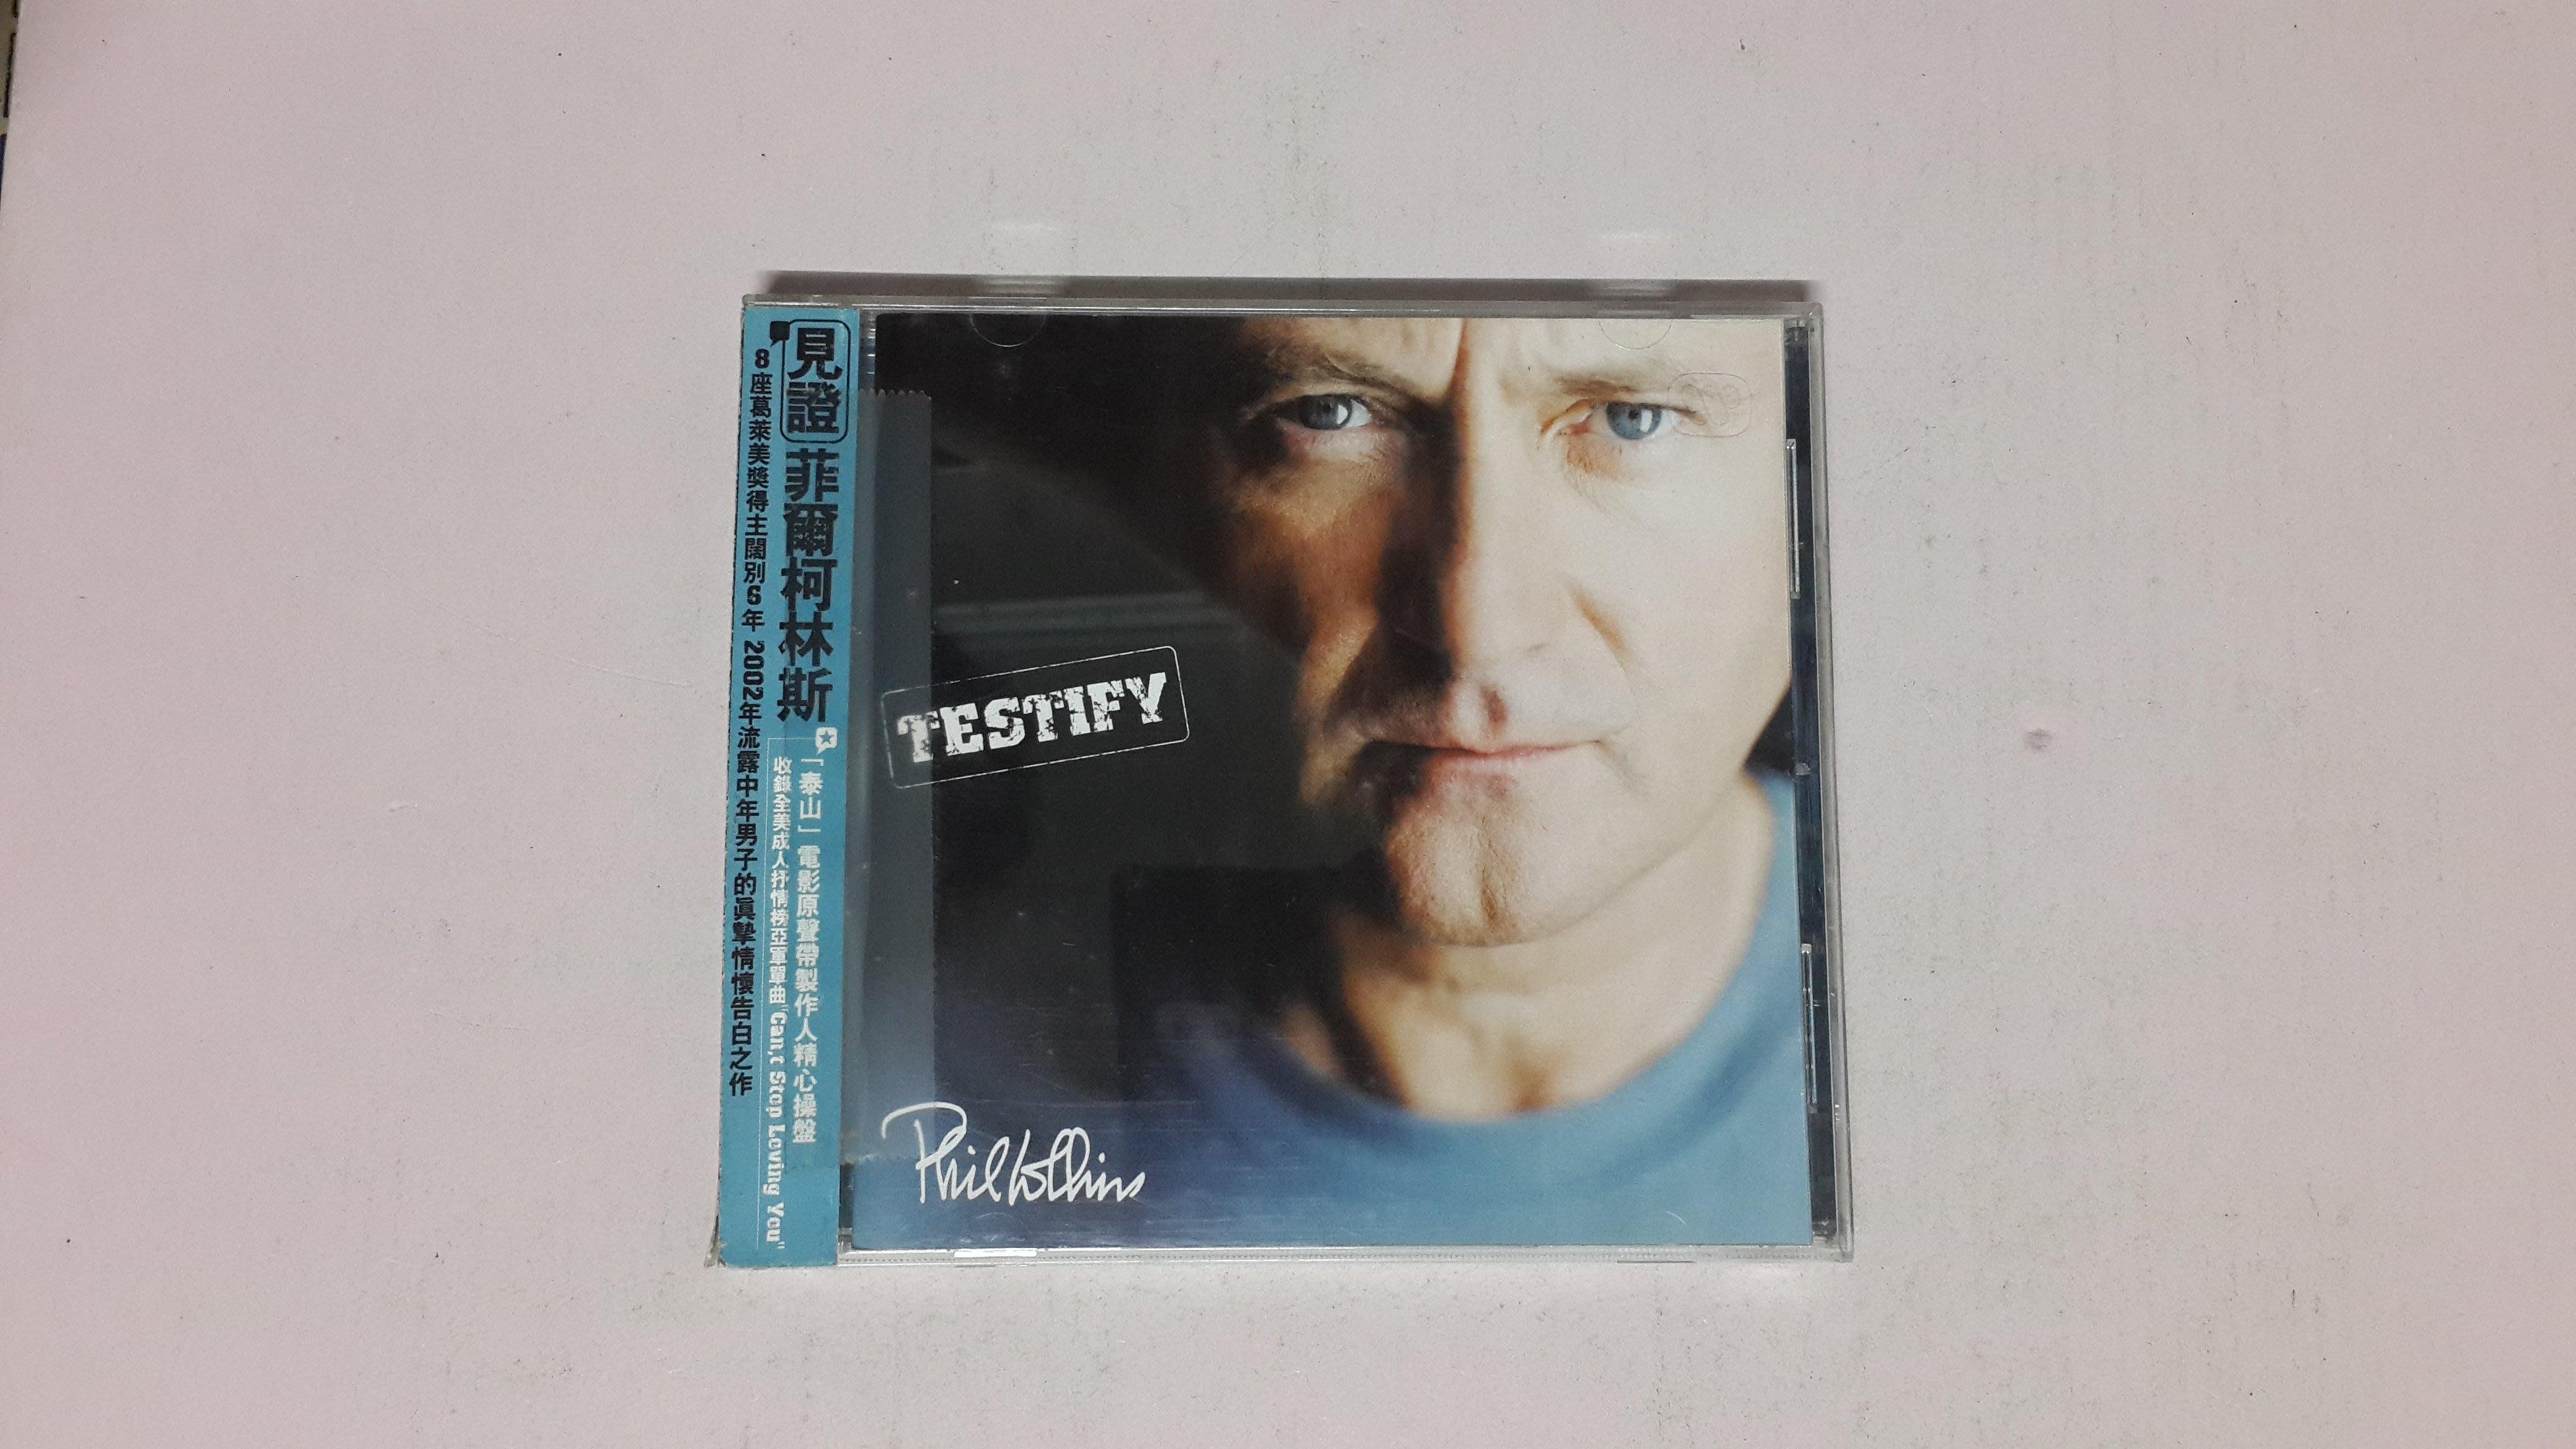 【鳳姐嚴選二手唱片】 Phil Collins 菲爾柯林斯 / 見證 Testify